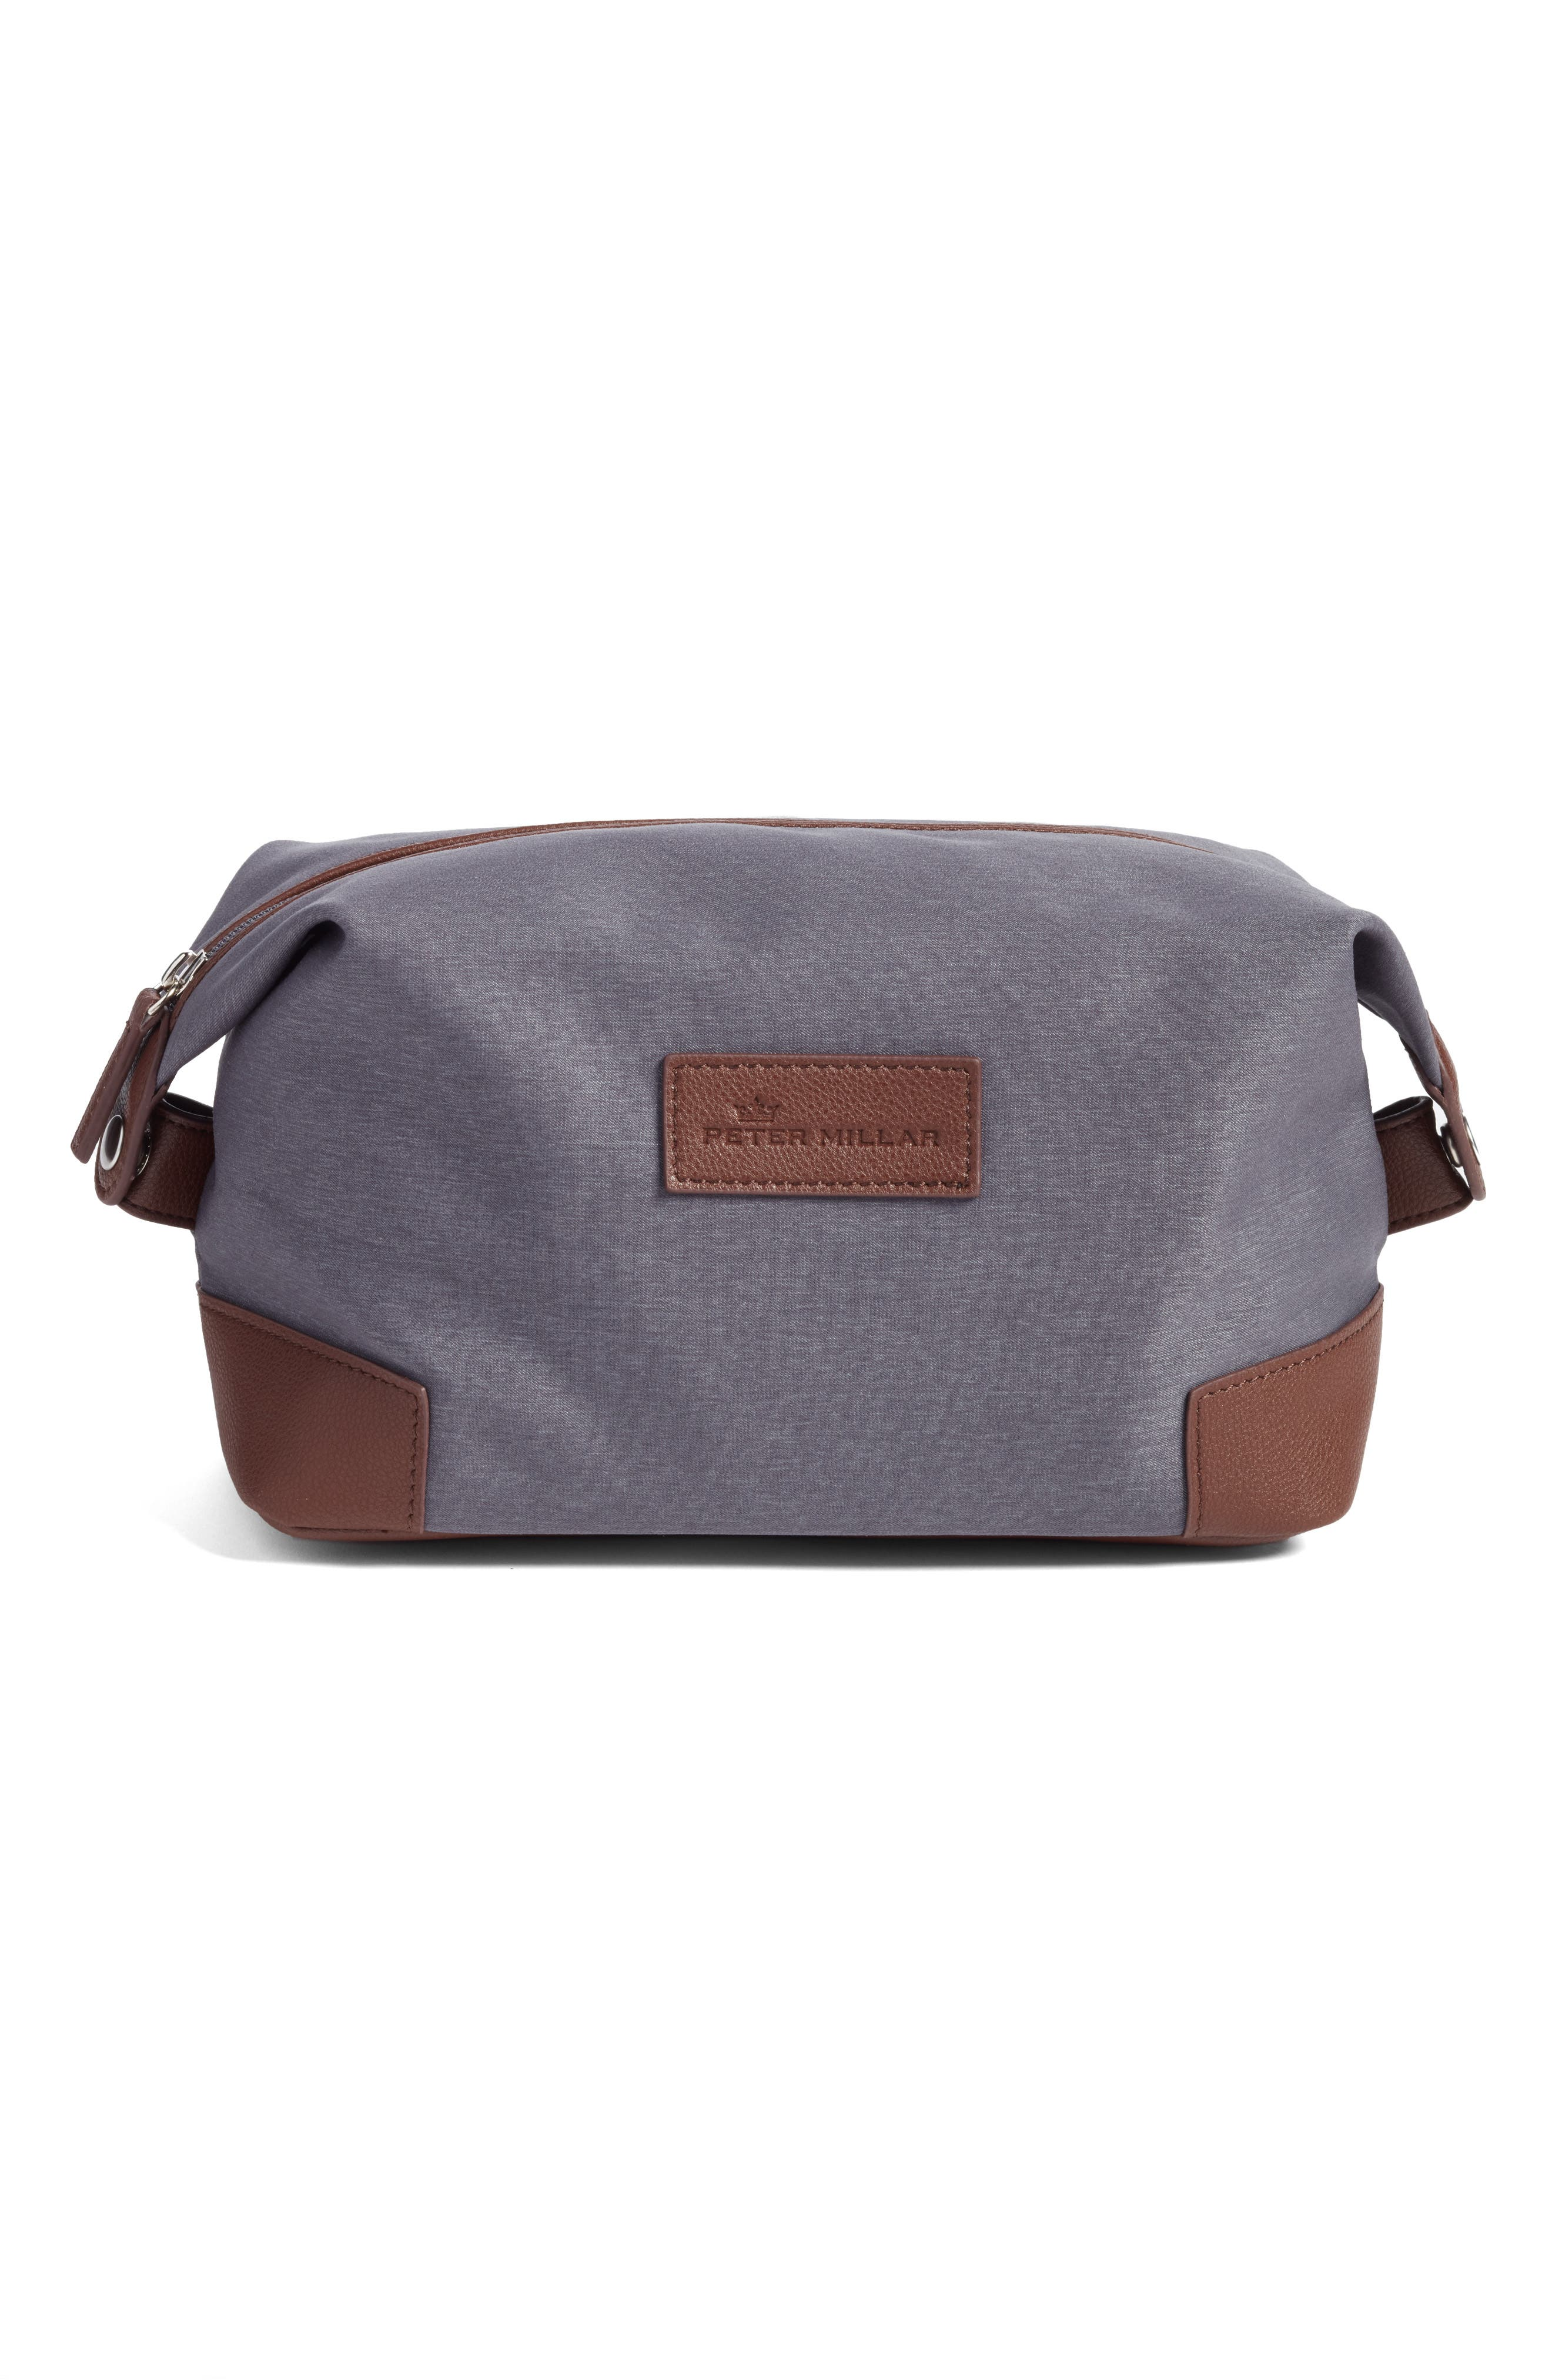 Heathered Twill Dopp Kit,                         Main,                         color, 022